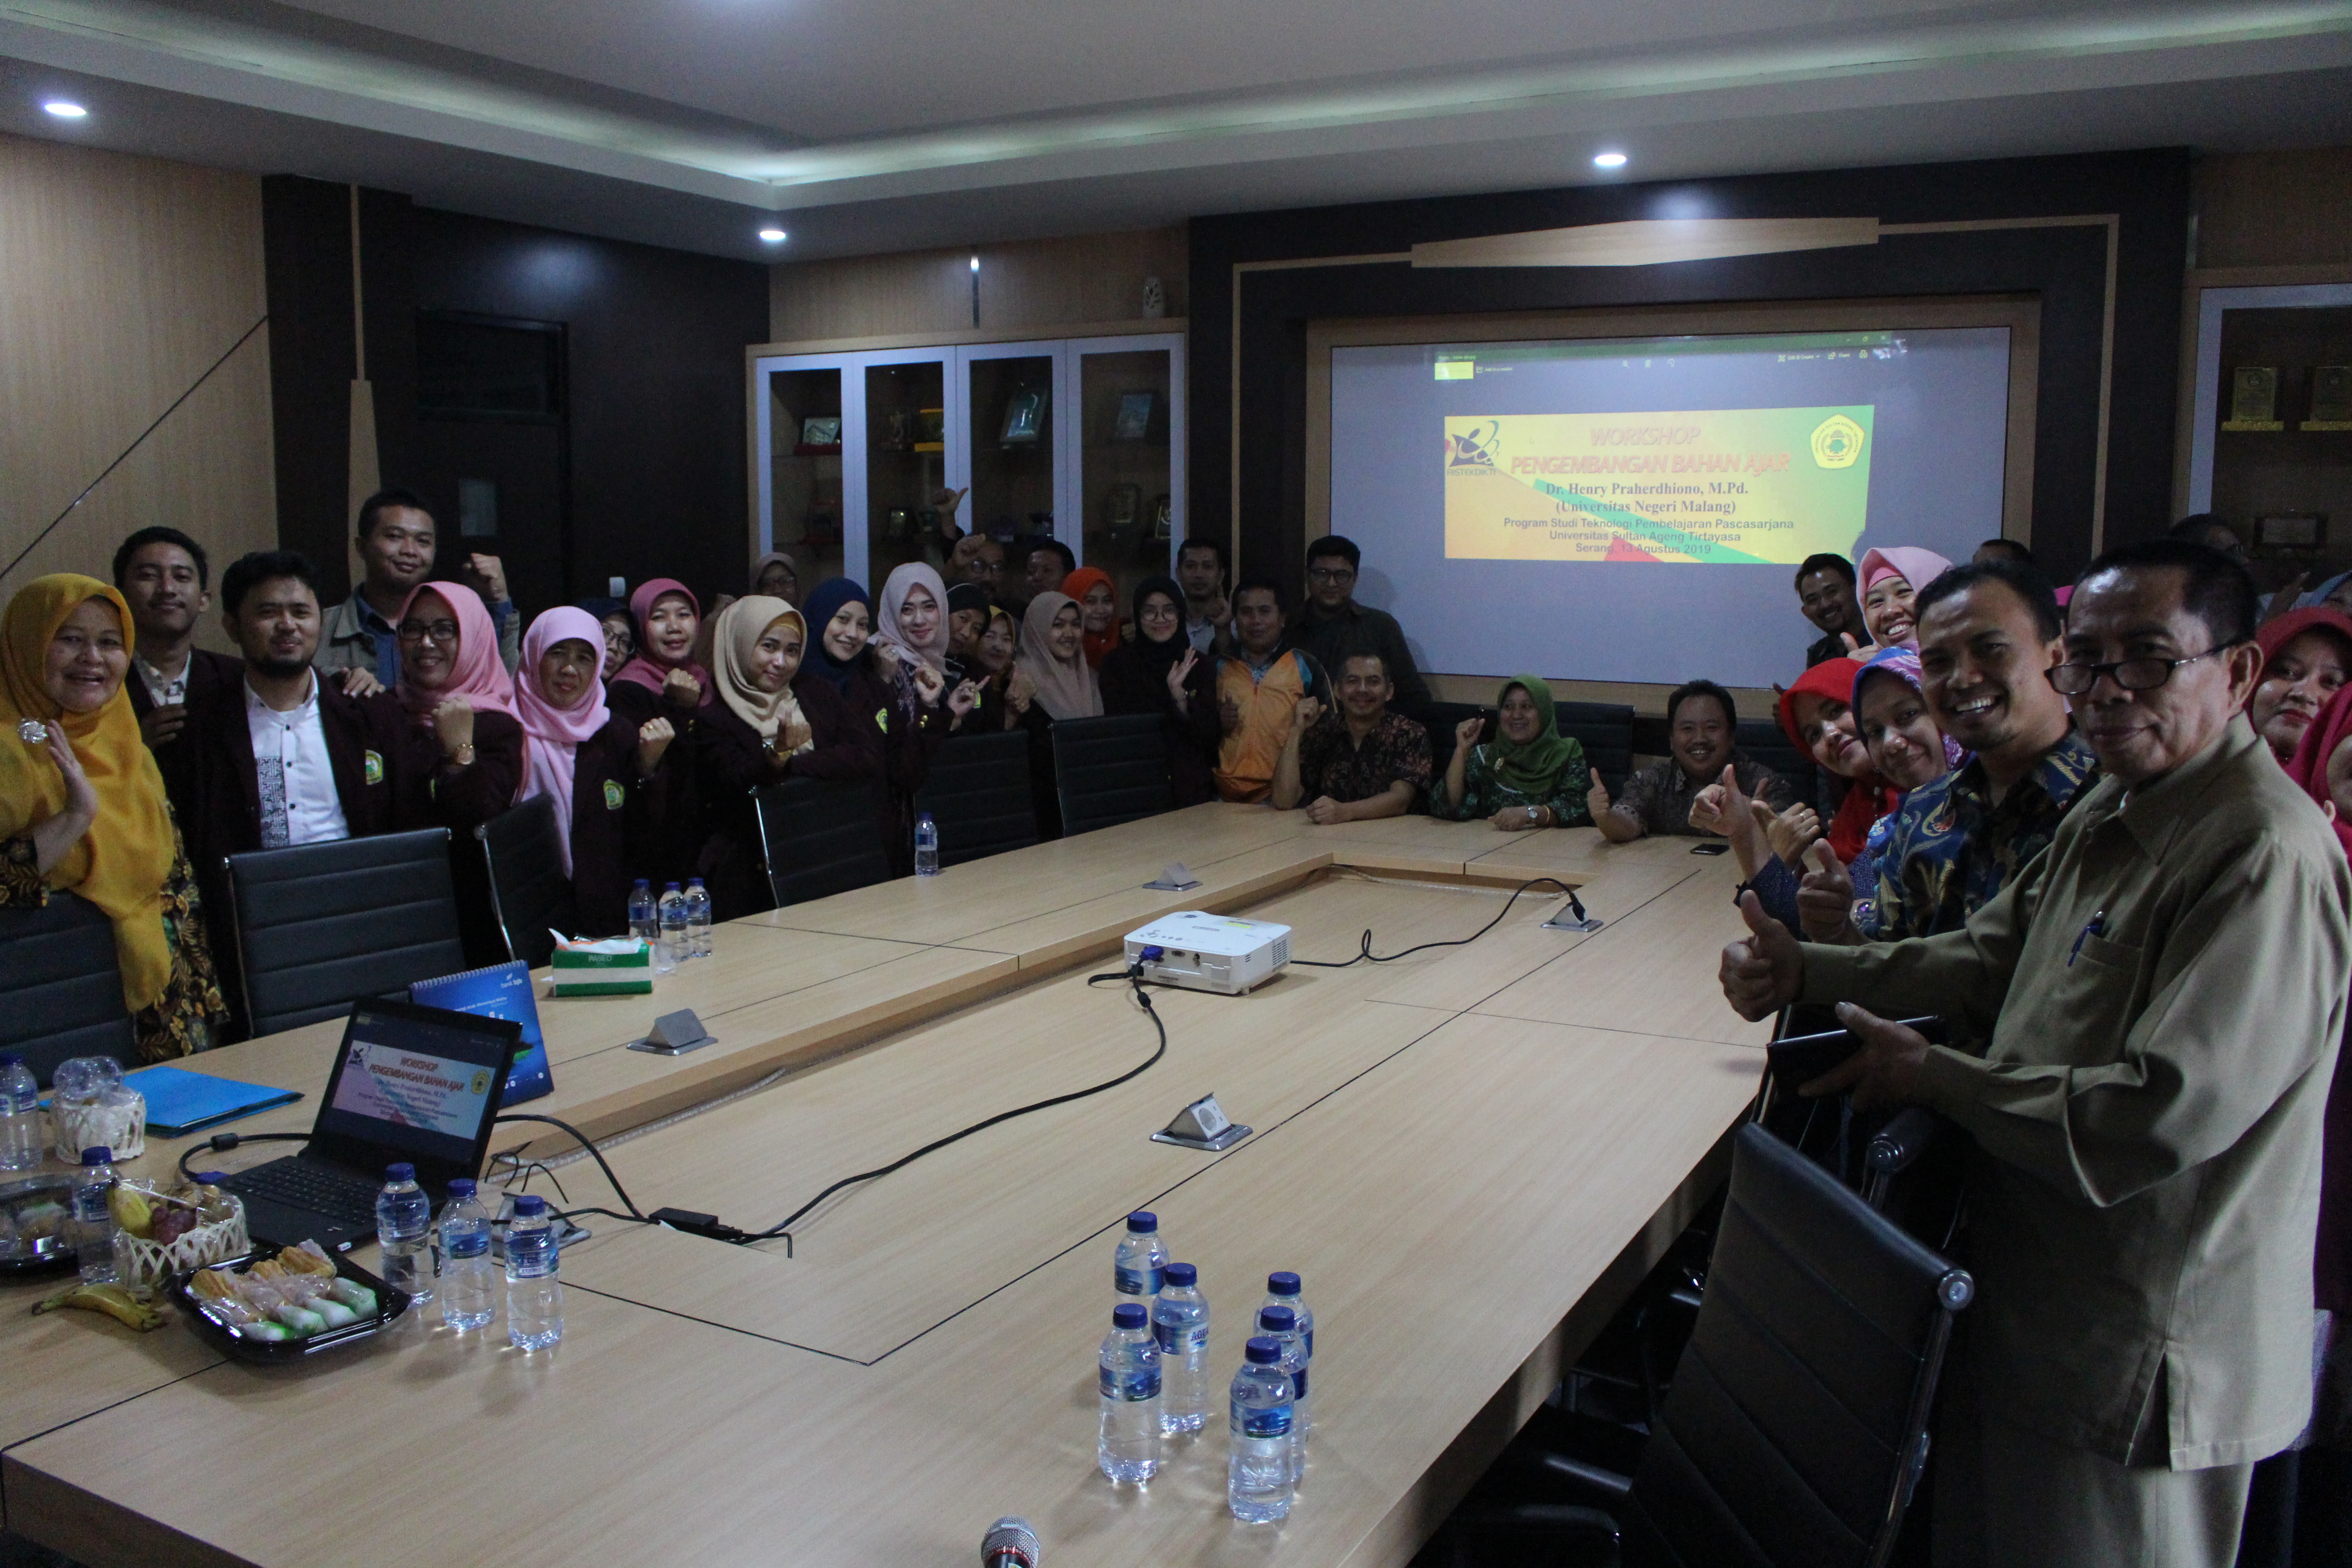 (Bahasa) Prodi Magister TPm Untirta Selenggarakan Workshop Pengembangan Bahan Ajar Dan Pembelajaran Berbasis ICT